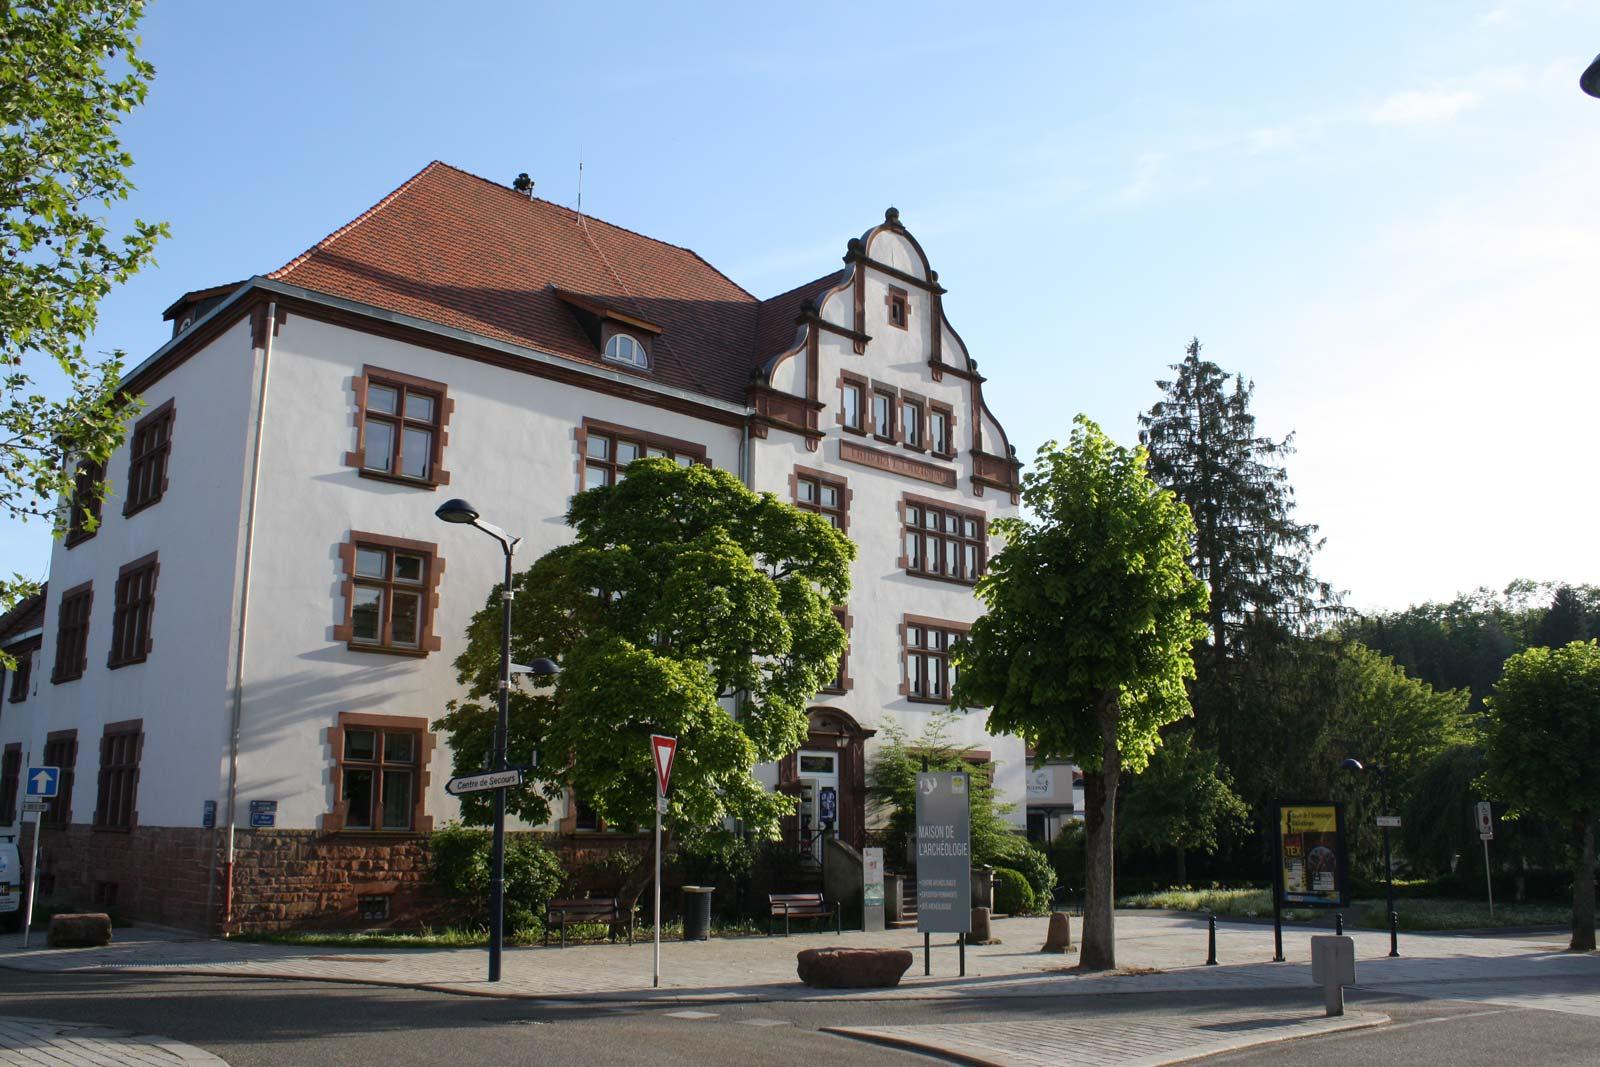 Maison de l'archéologie, Niederbronn-les-Bains